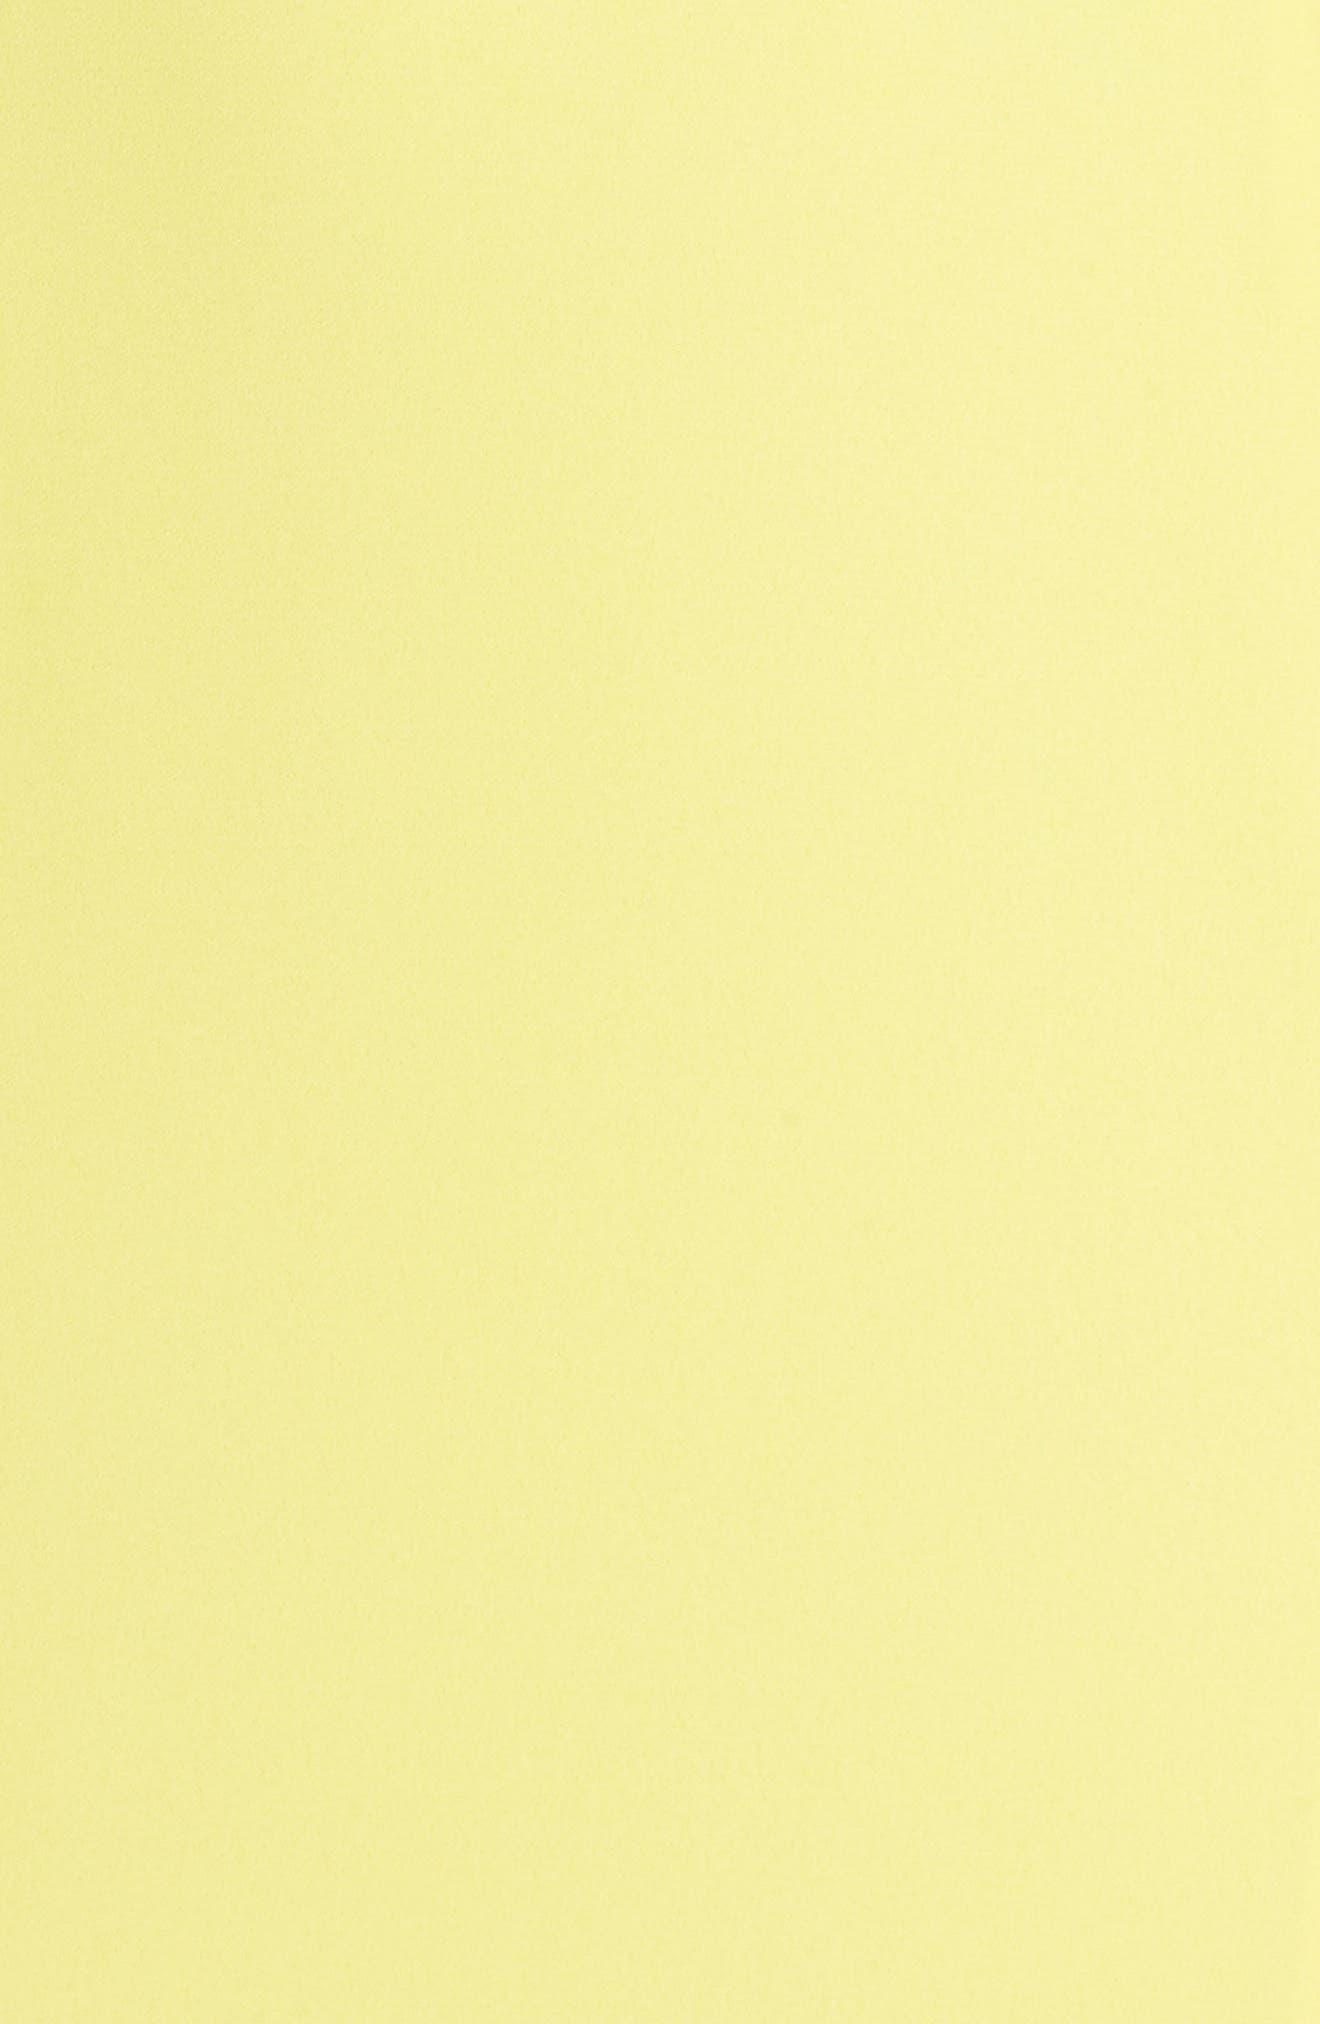 Lara Lace-Up Georgette Gown,                             Alternate thumbnail 5, color,                             Lemon